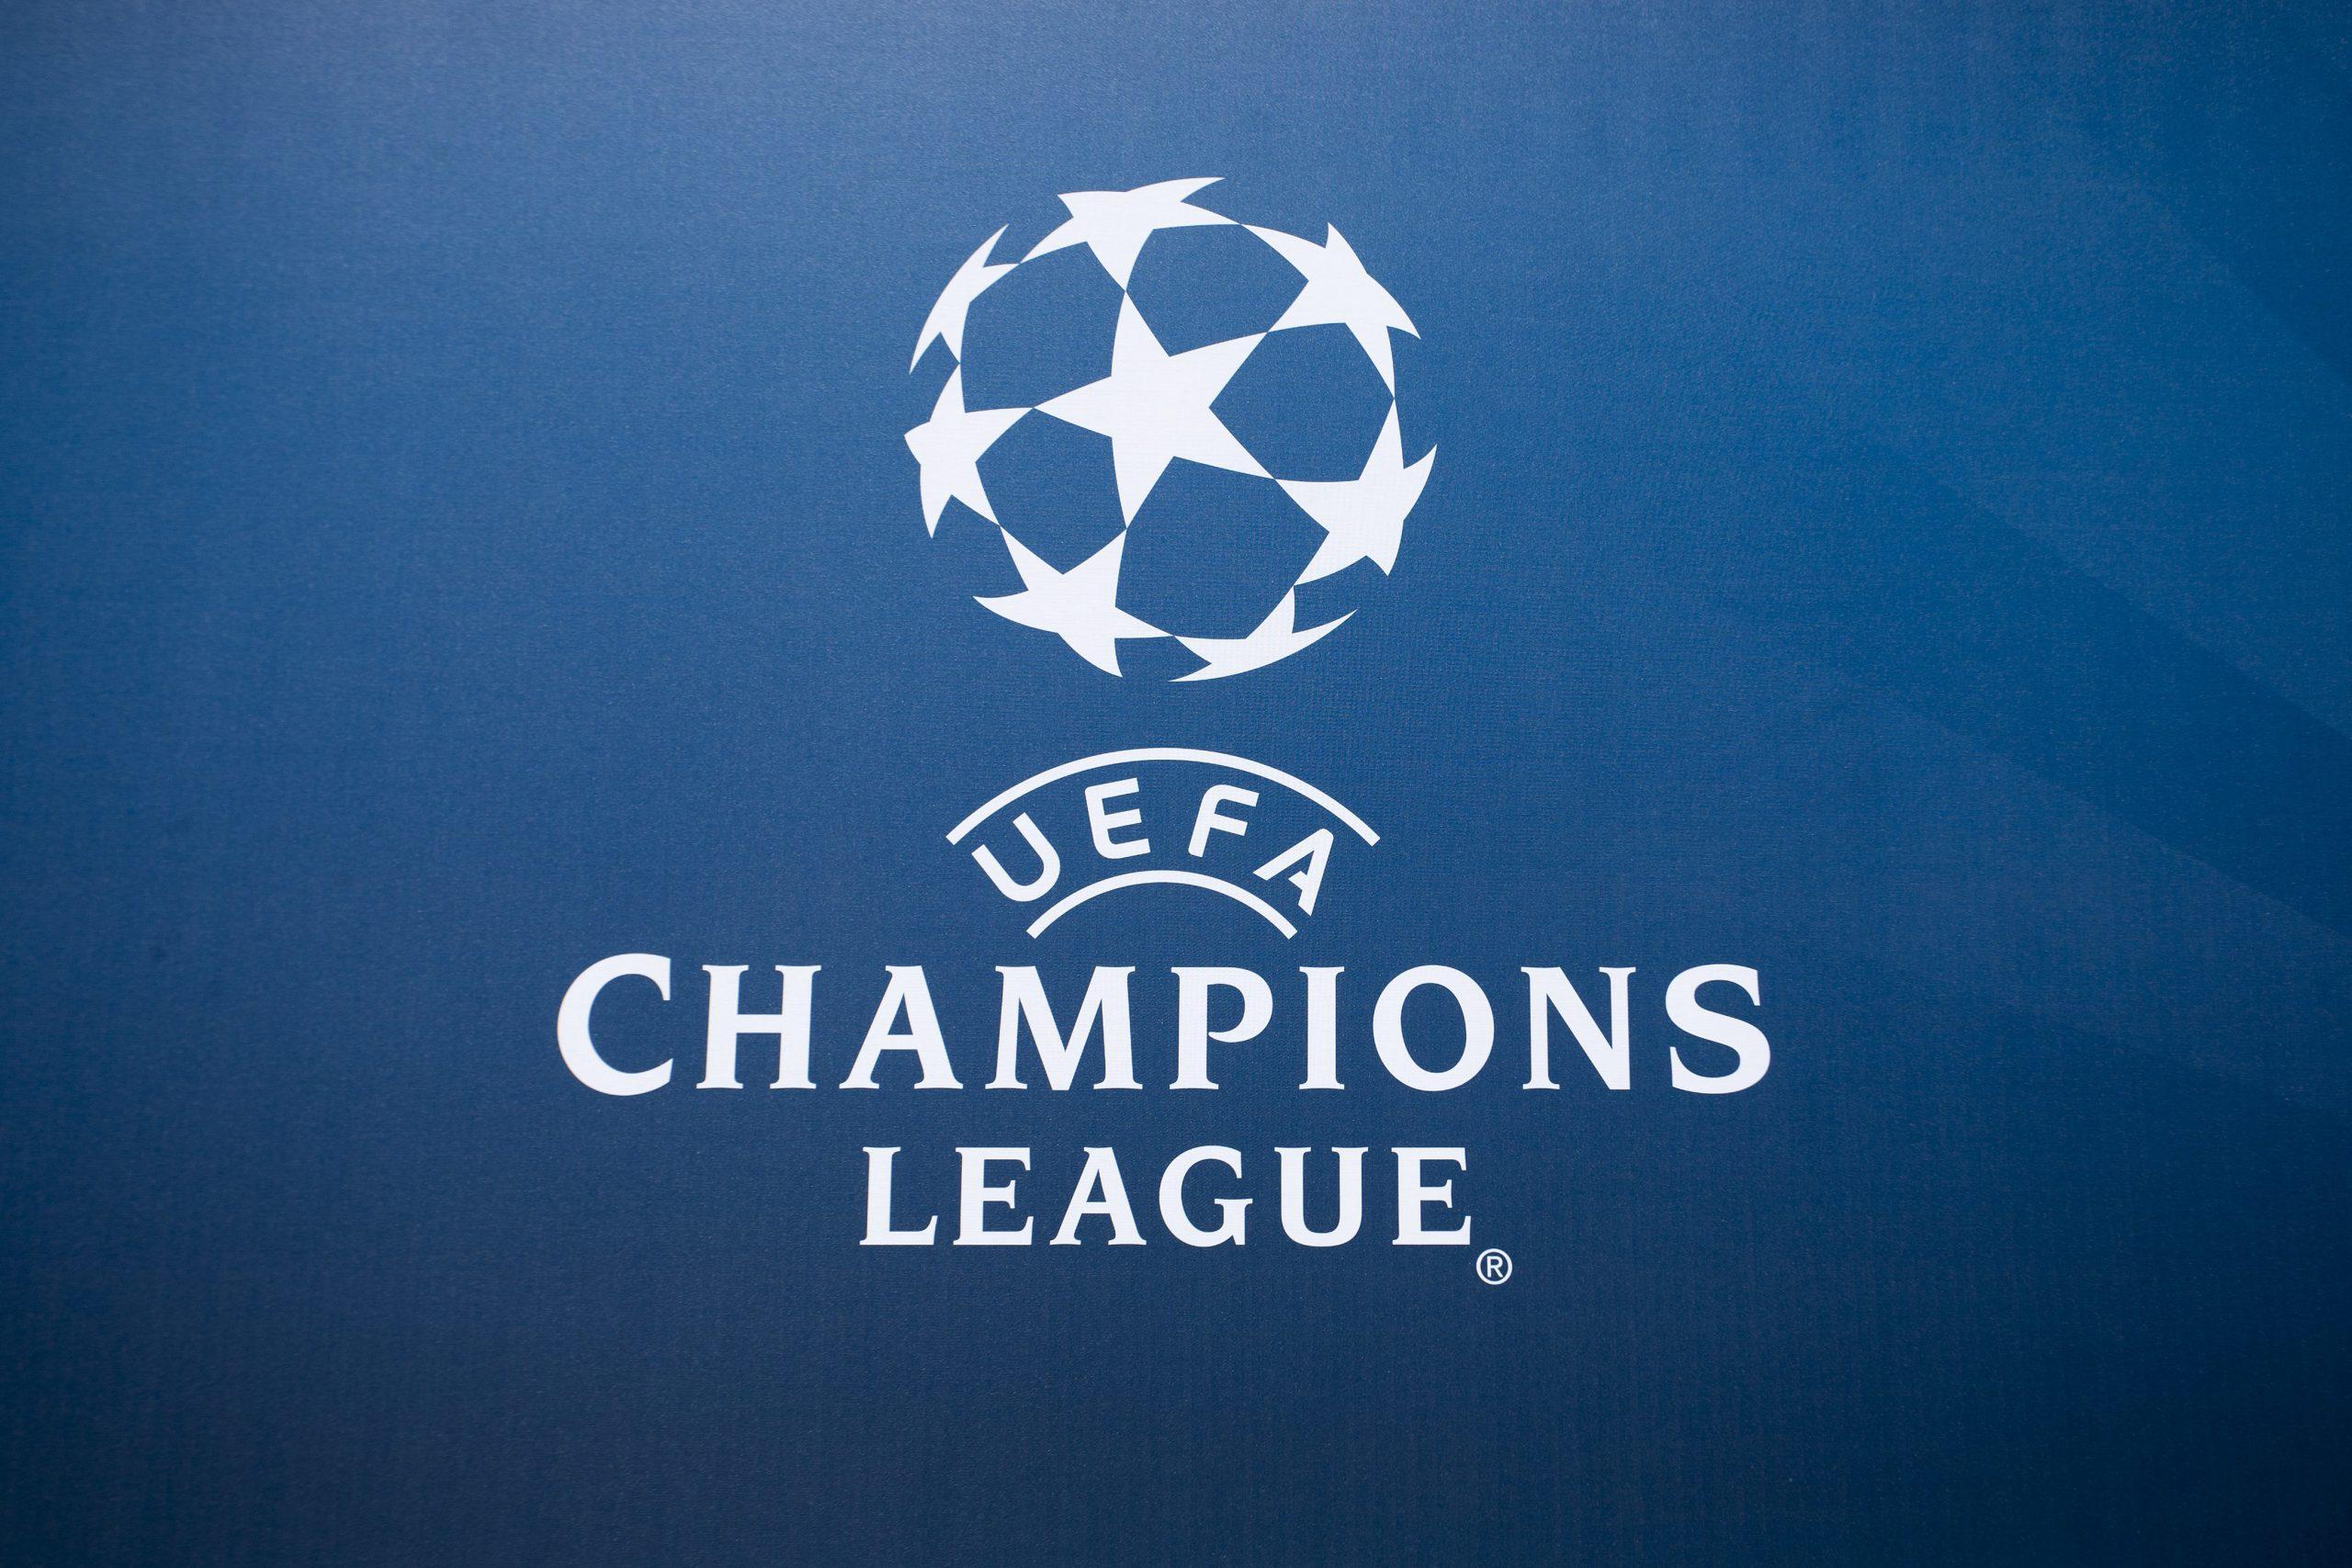 Réforme de la Ligue des Champions, L'Equipe fait le point avec bonne nouvelle pour la France